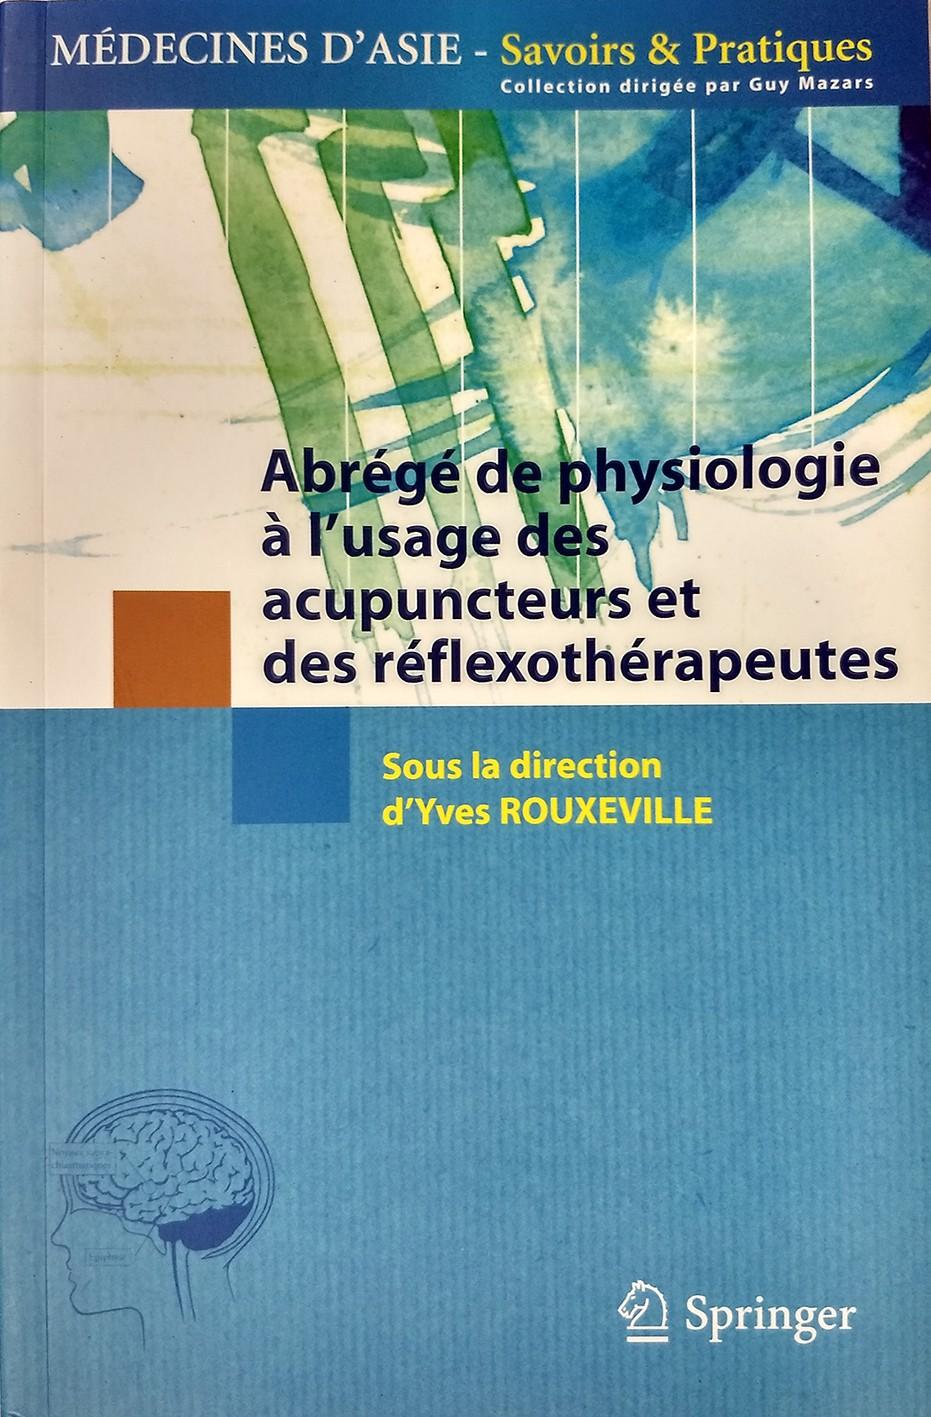 Y. ROUXEVILLE Abrégé de physiologie (acu et reflexo) 232p. Edit. SPRINGER